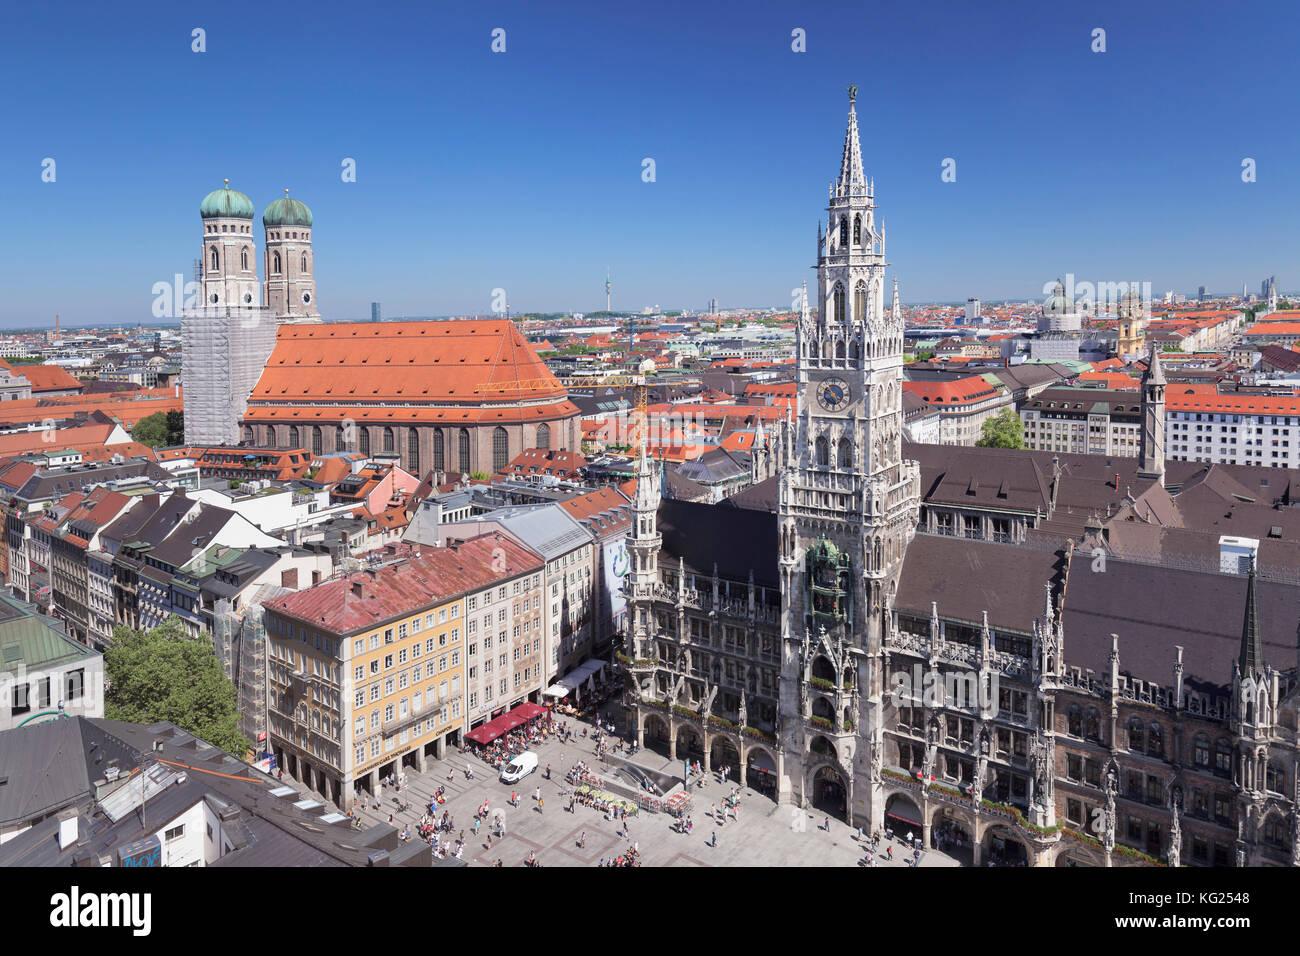 Piazza marienplatz con il municipio (Neues Rathaus) e Frauenkirche di Monaco di Baviera, Germania, Europa Immagini Stock